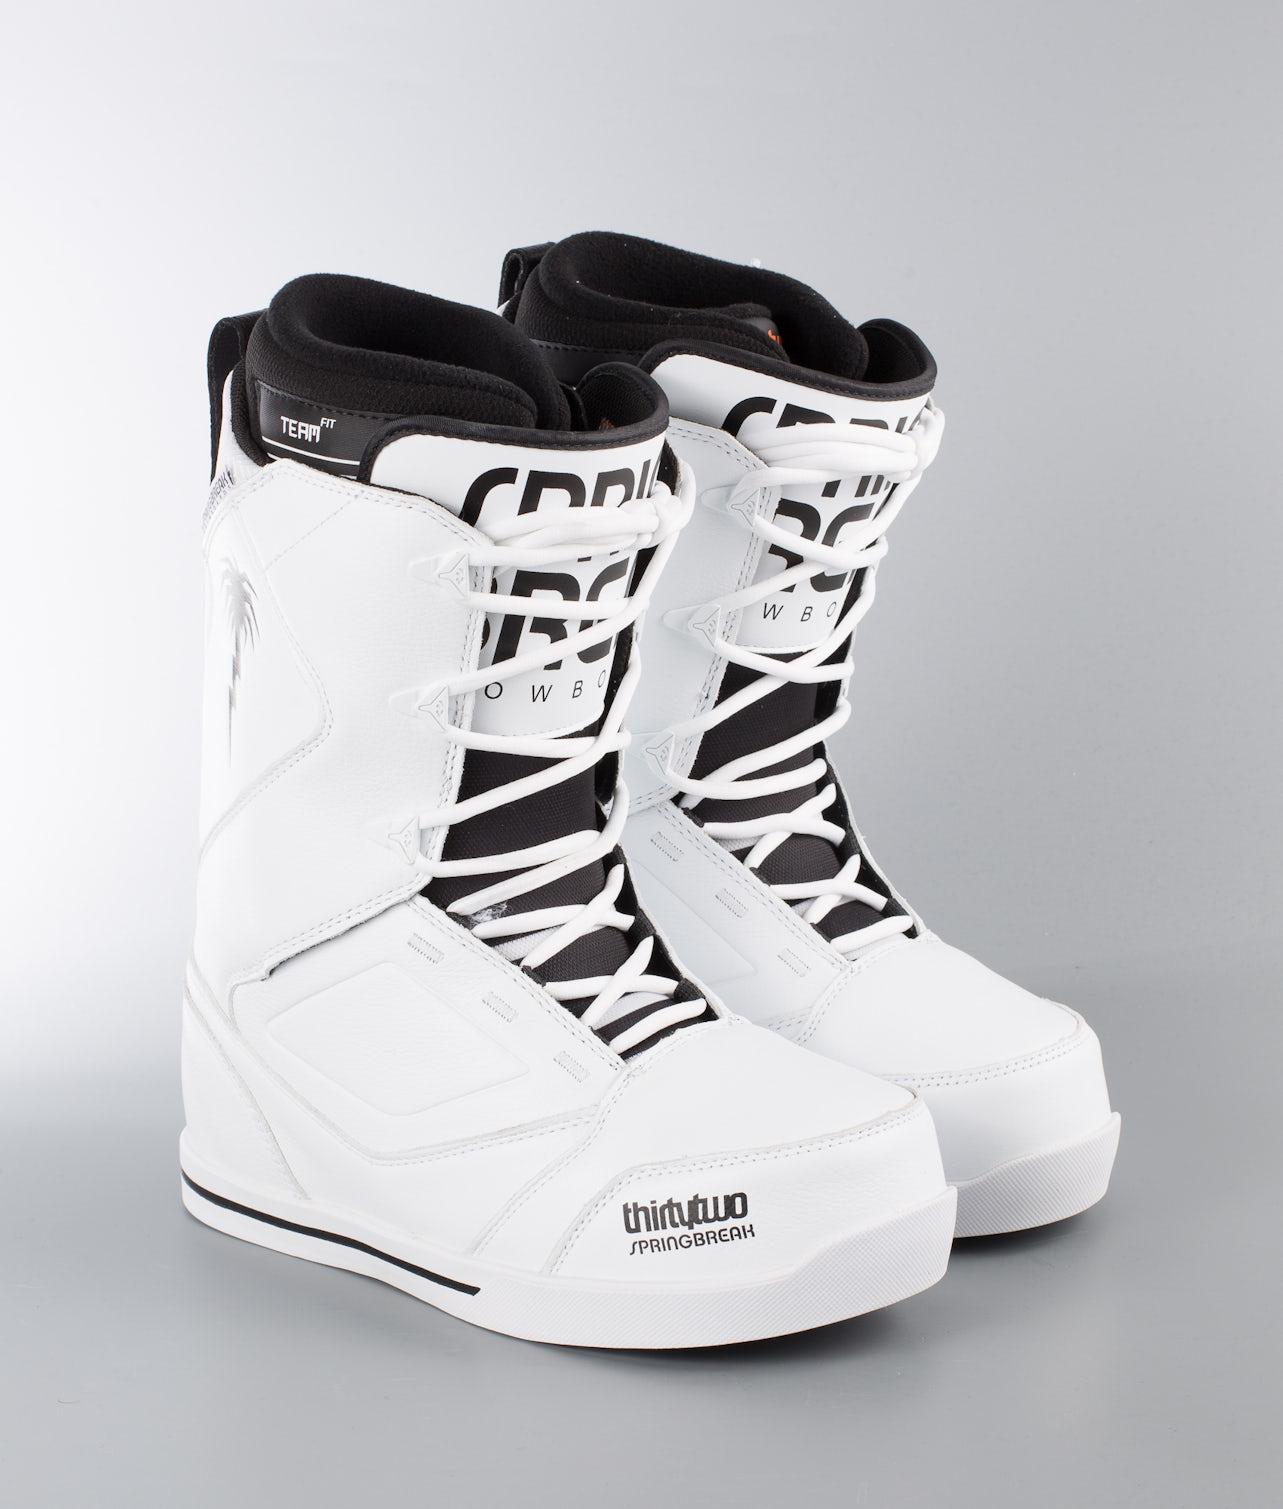 Kaufe Zephyr Premium Spring Break 18 Snowboardboots von Thirty Two bei Ridestore.de - Kostenloser, schneller Versand & Rückversand.